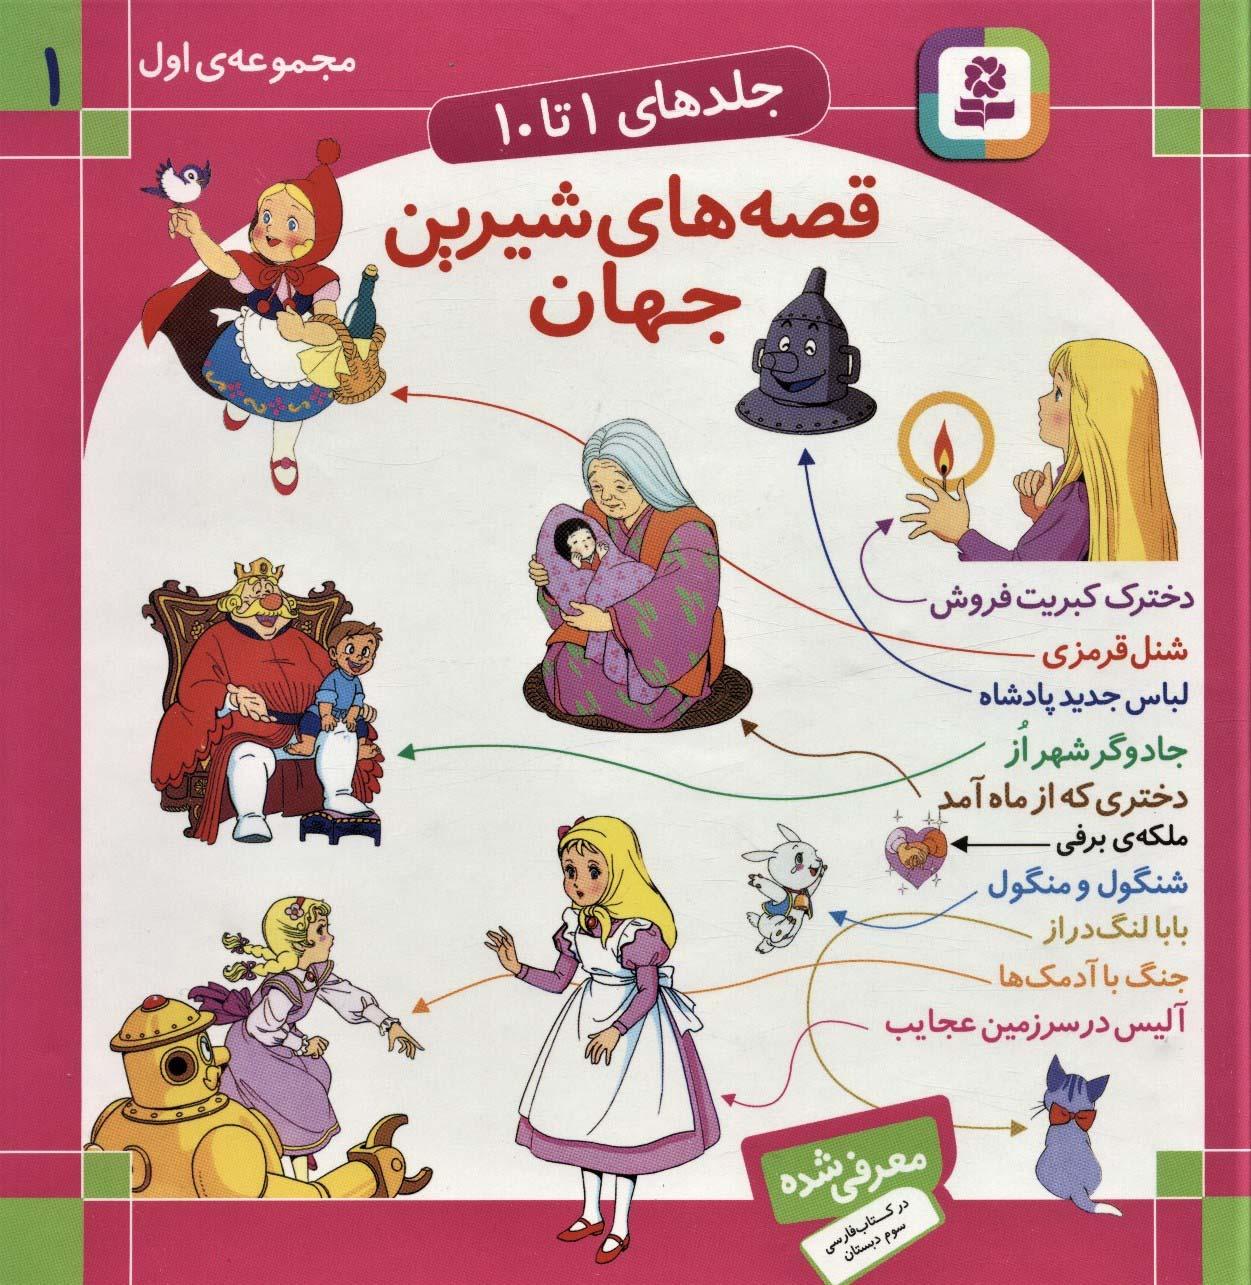 مجموعه قصه های شیرین جهان 1 (جلدهای1تا10)،(گلاسه)